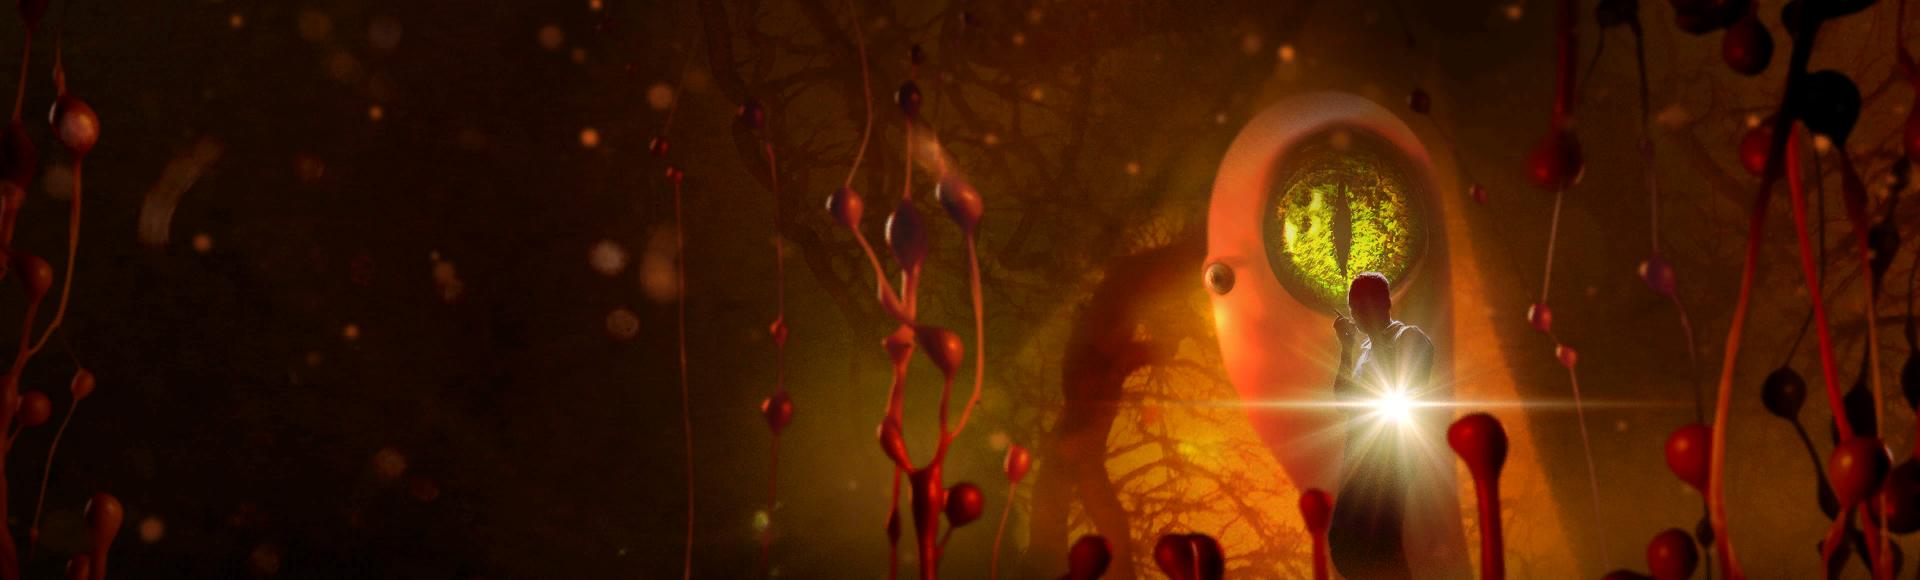 Bundle billboard of Tracer Pack: Alien Infestation Mastercraft Bundle